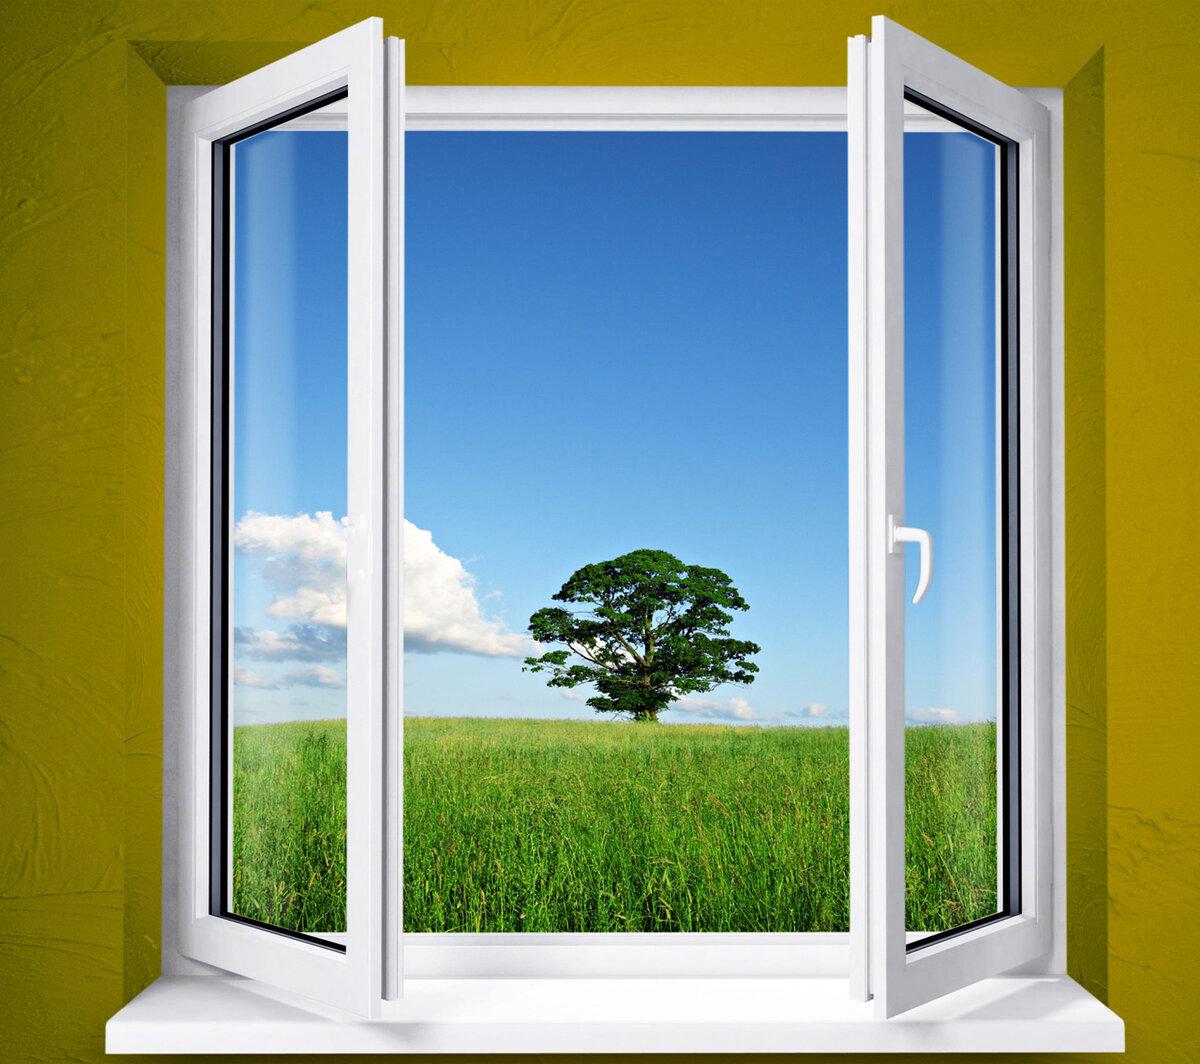 Надписью муслимат, картинки окна пвх красивые для рекламы